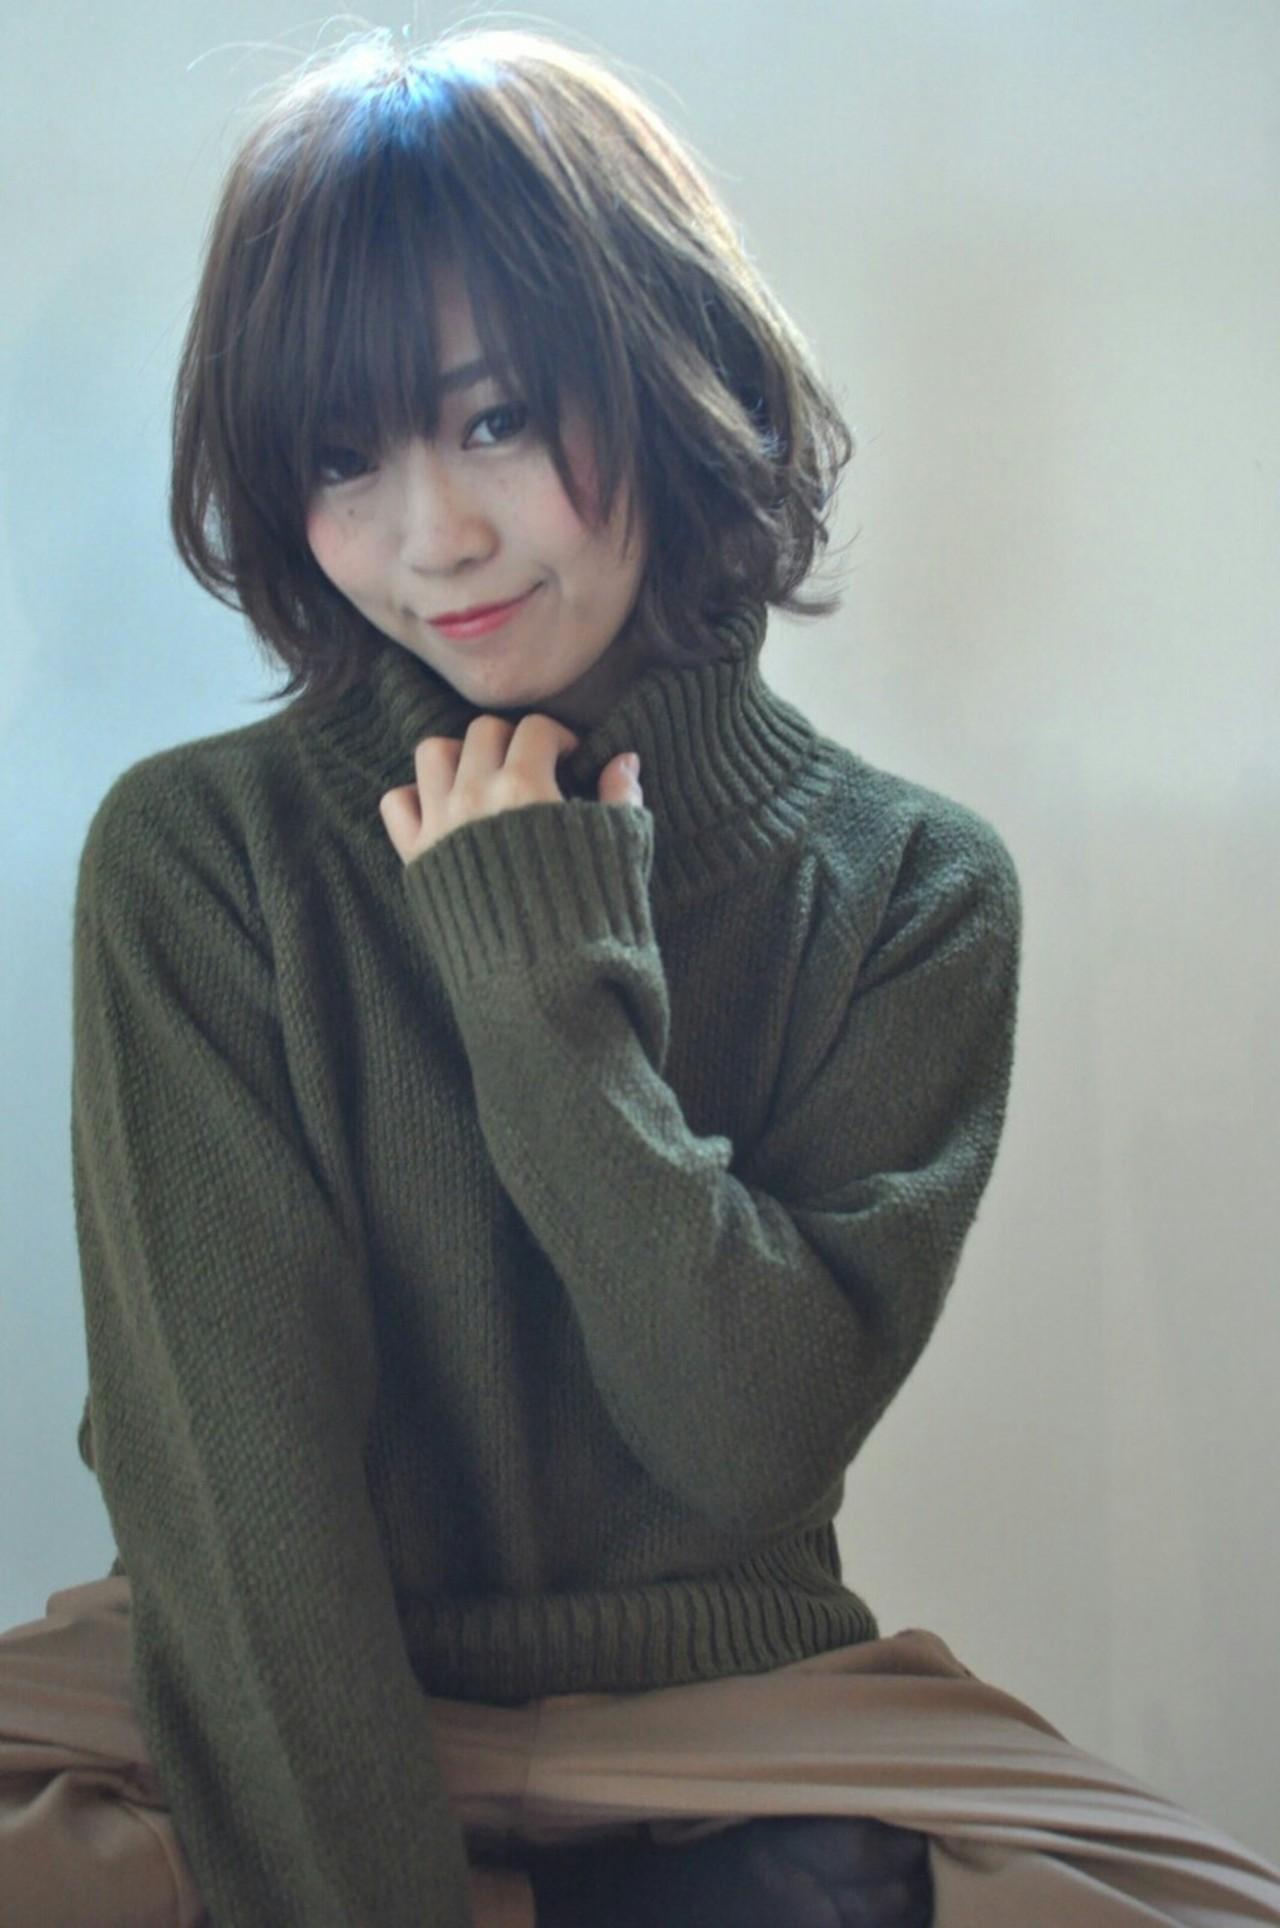 冬ファッションにはハイネックでしょ!髪型と合わせた可愛い着こなし方ご紹介* 志摩 法香